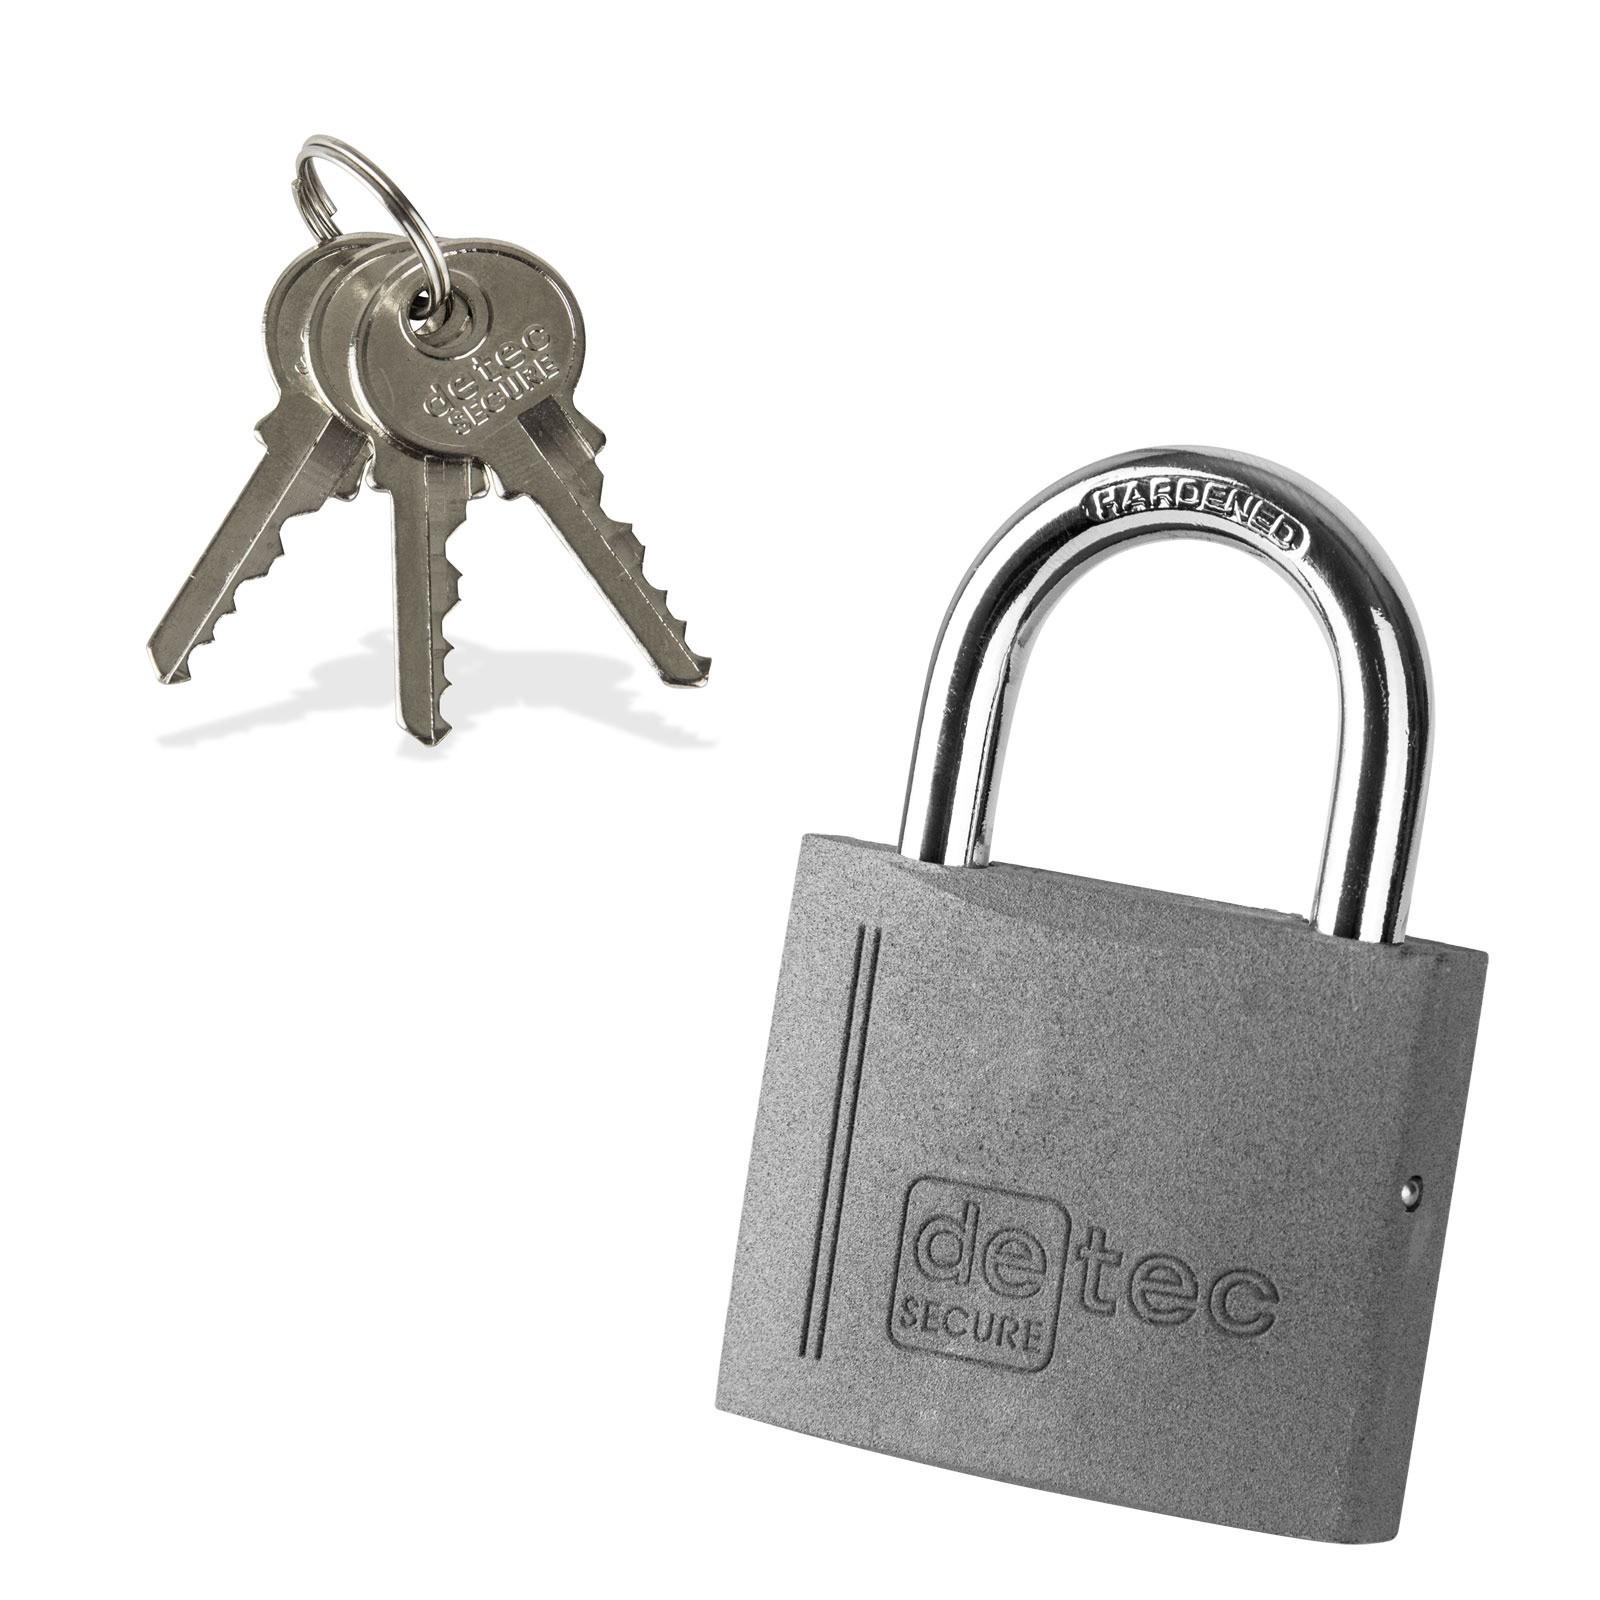 Dema Vorhängeschloss / Bügelschloss / Sicherheitsschloss VS50 mit 3 Schlüssel 21673